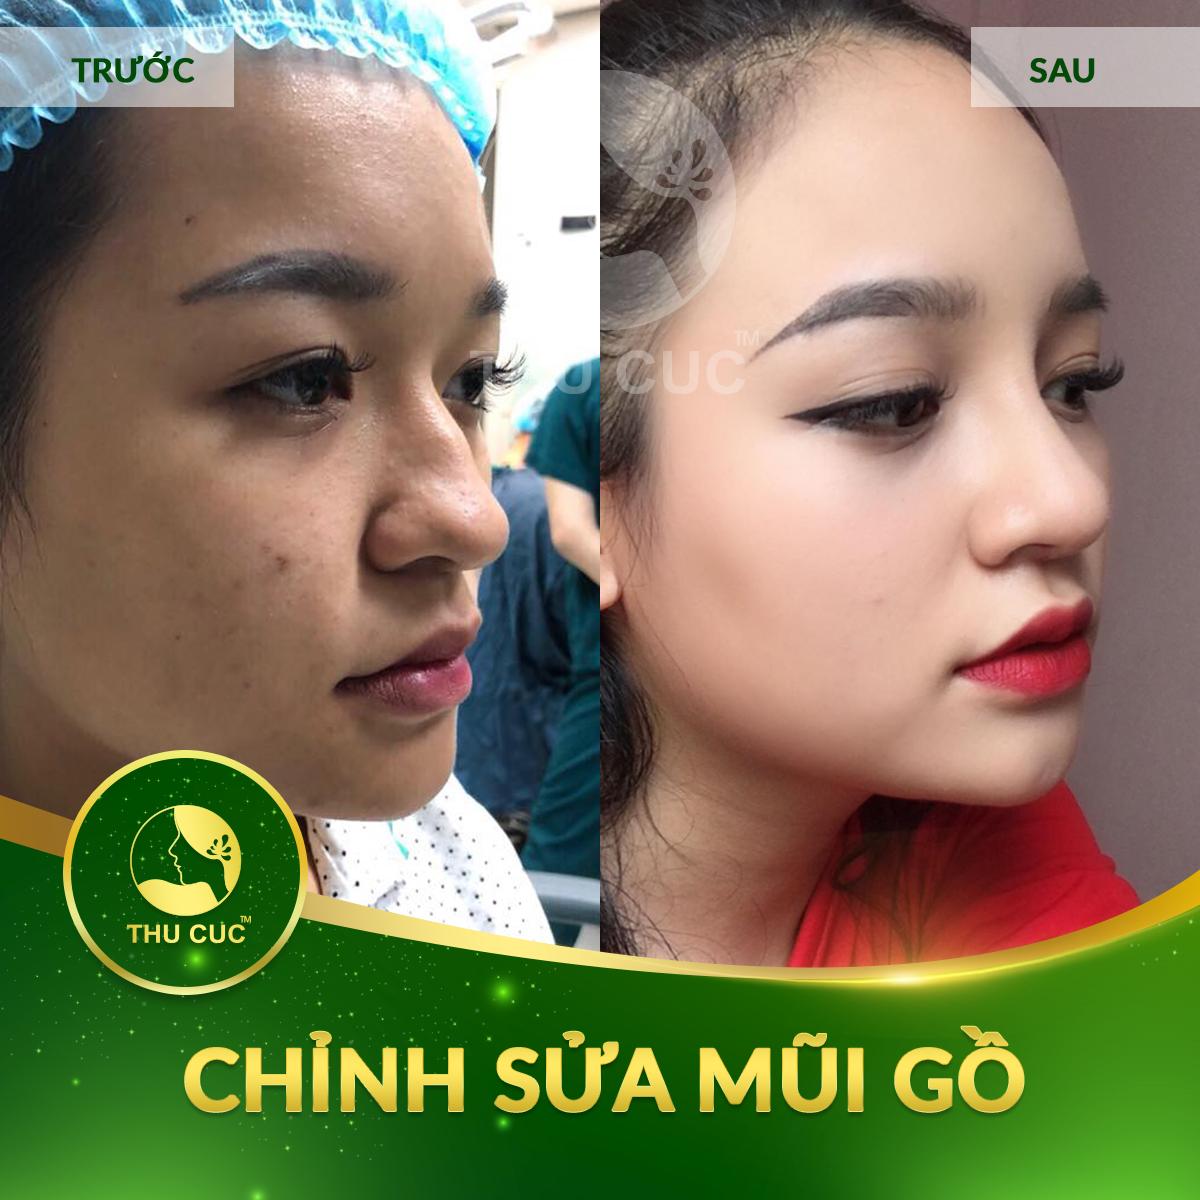 chinh-sua-mui-go-1